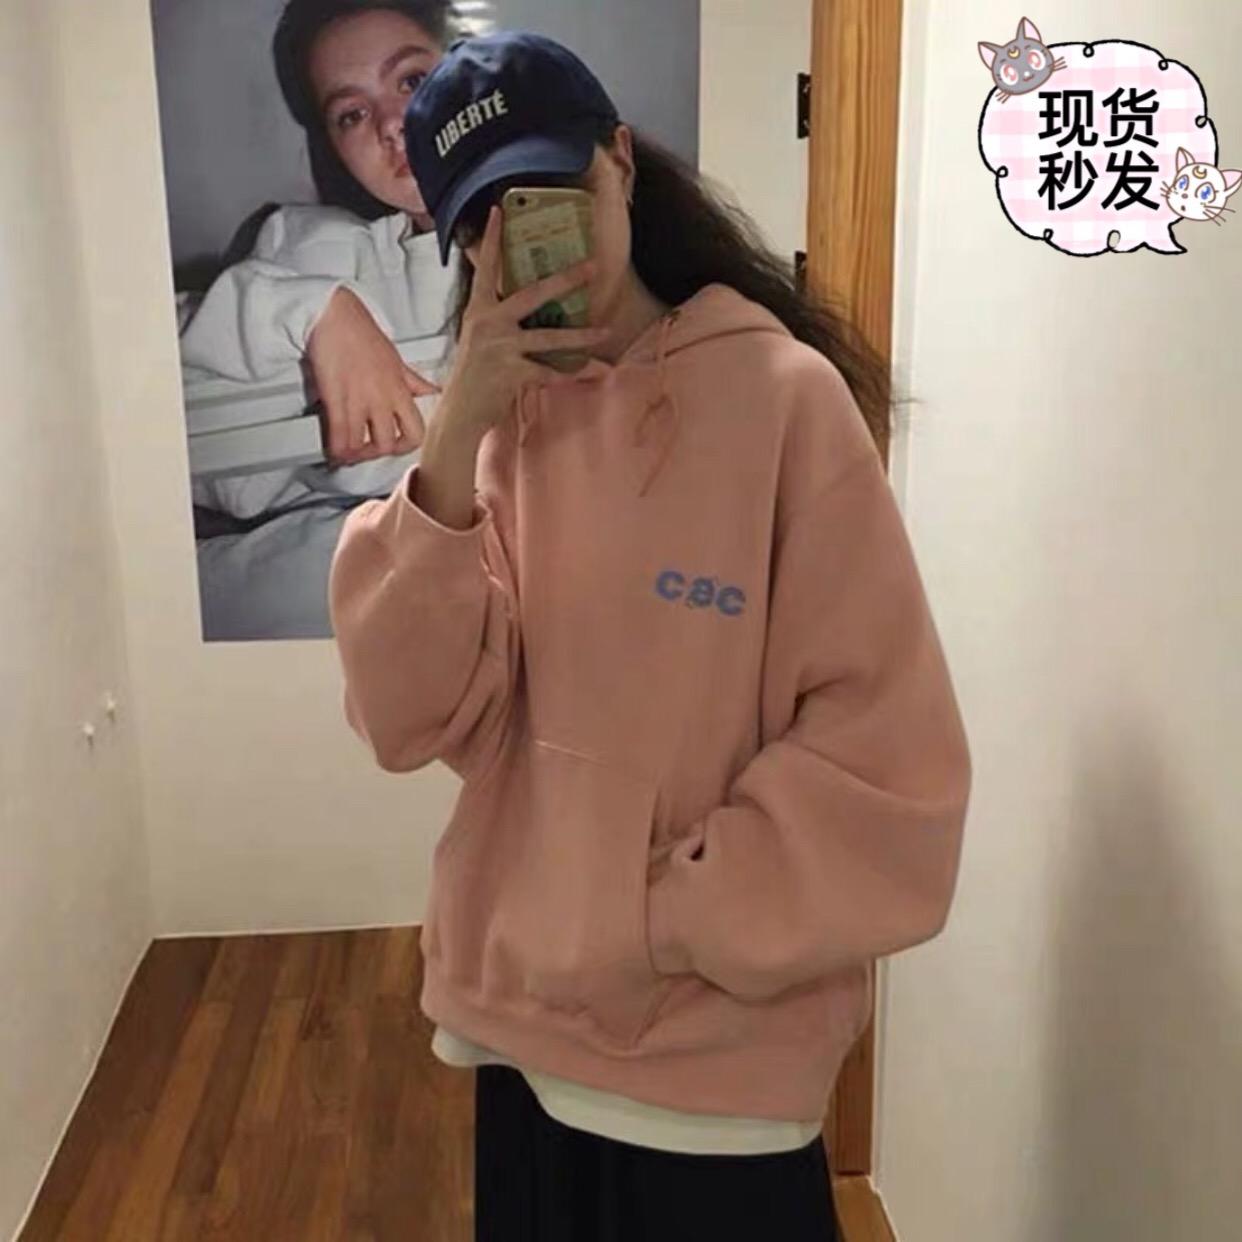 現特價【佳小家】韓國代購CHANCECHANCE  CEC字母 戴帽衛衣  加絨圖片